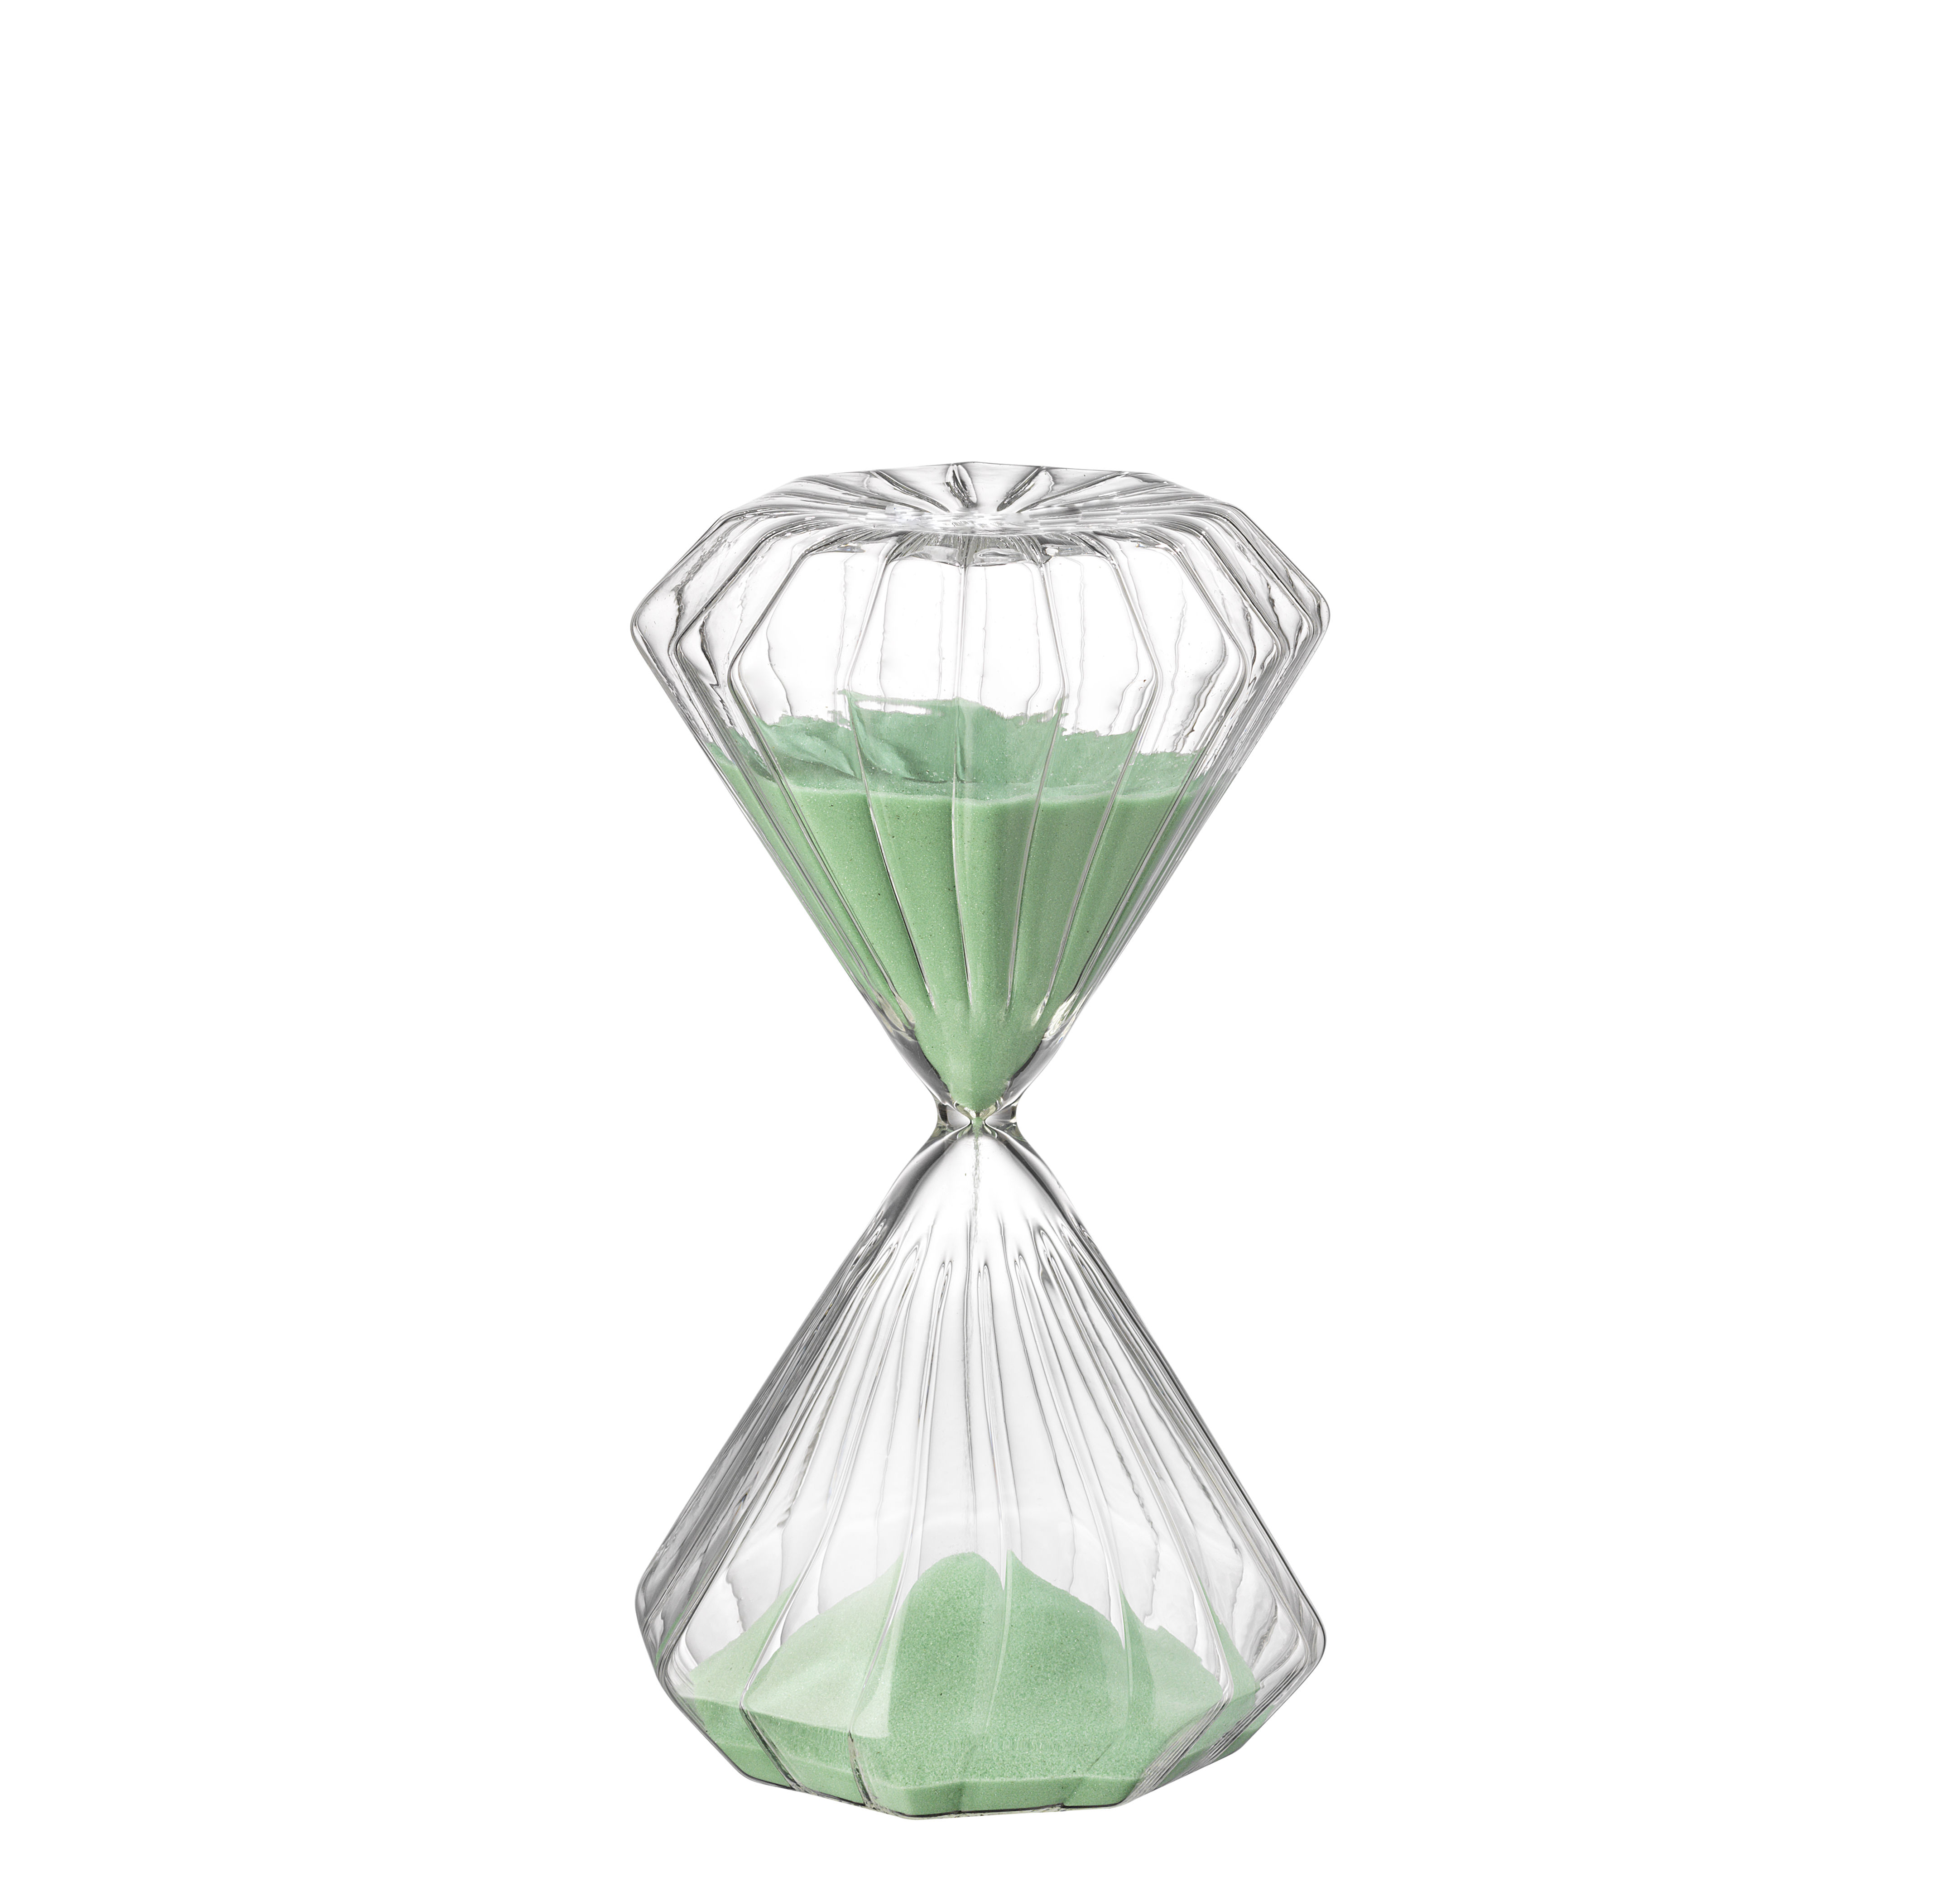 Cucina - Utensili da cucina - Clessidra Romantic - / 5 minuti - H 11 cm di Bitossi Home - Verde - sabbia, Vetro